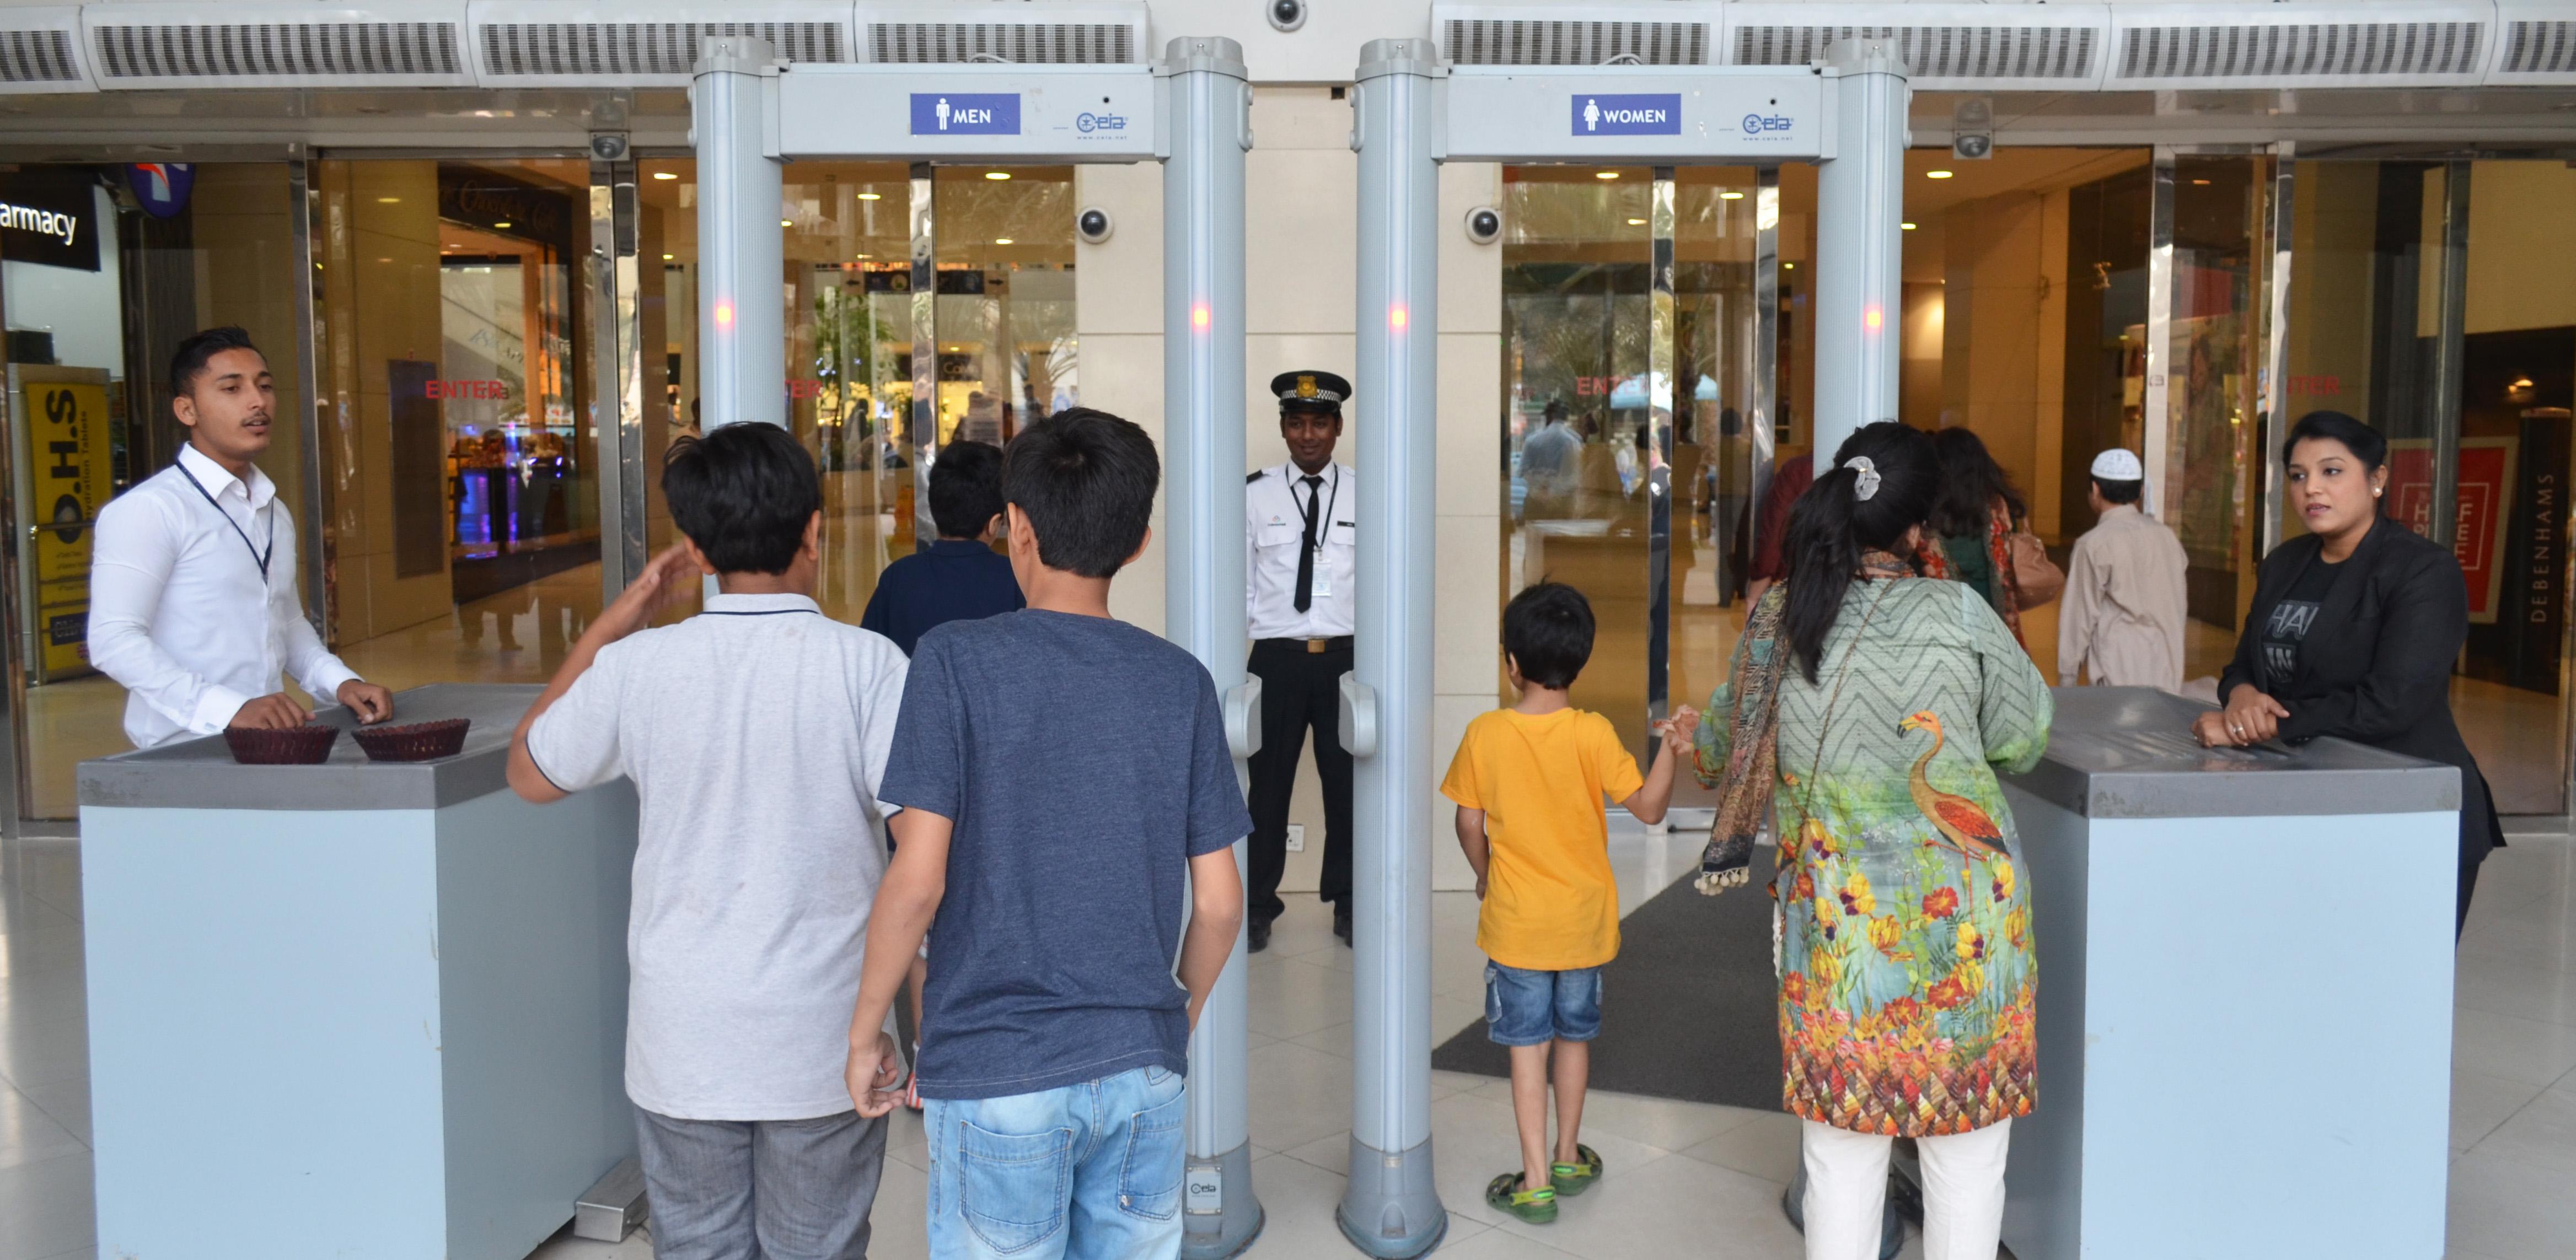 Geschlechtergetrennte Tore in eine sorglose Welt: der Sicherheitscheck fehlt in keiner Mall / Foto: Hannah Bley